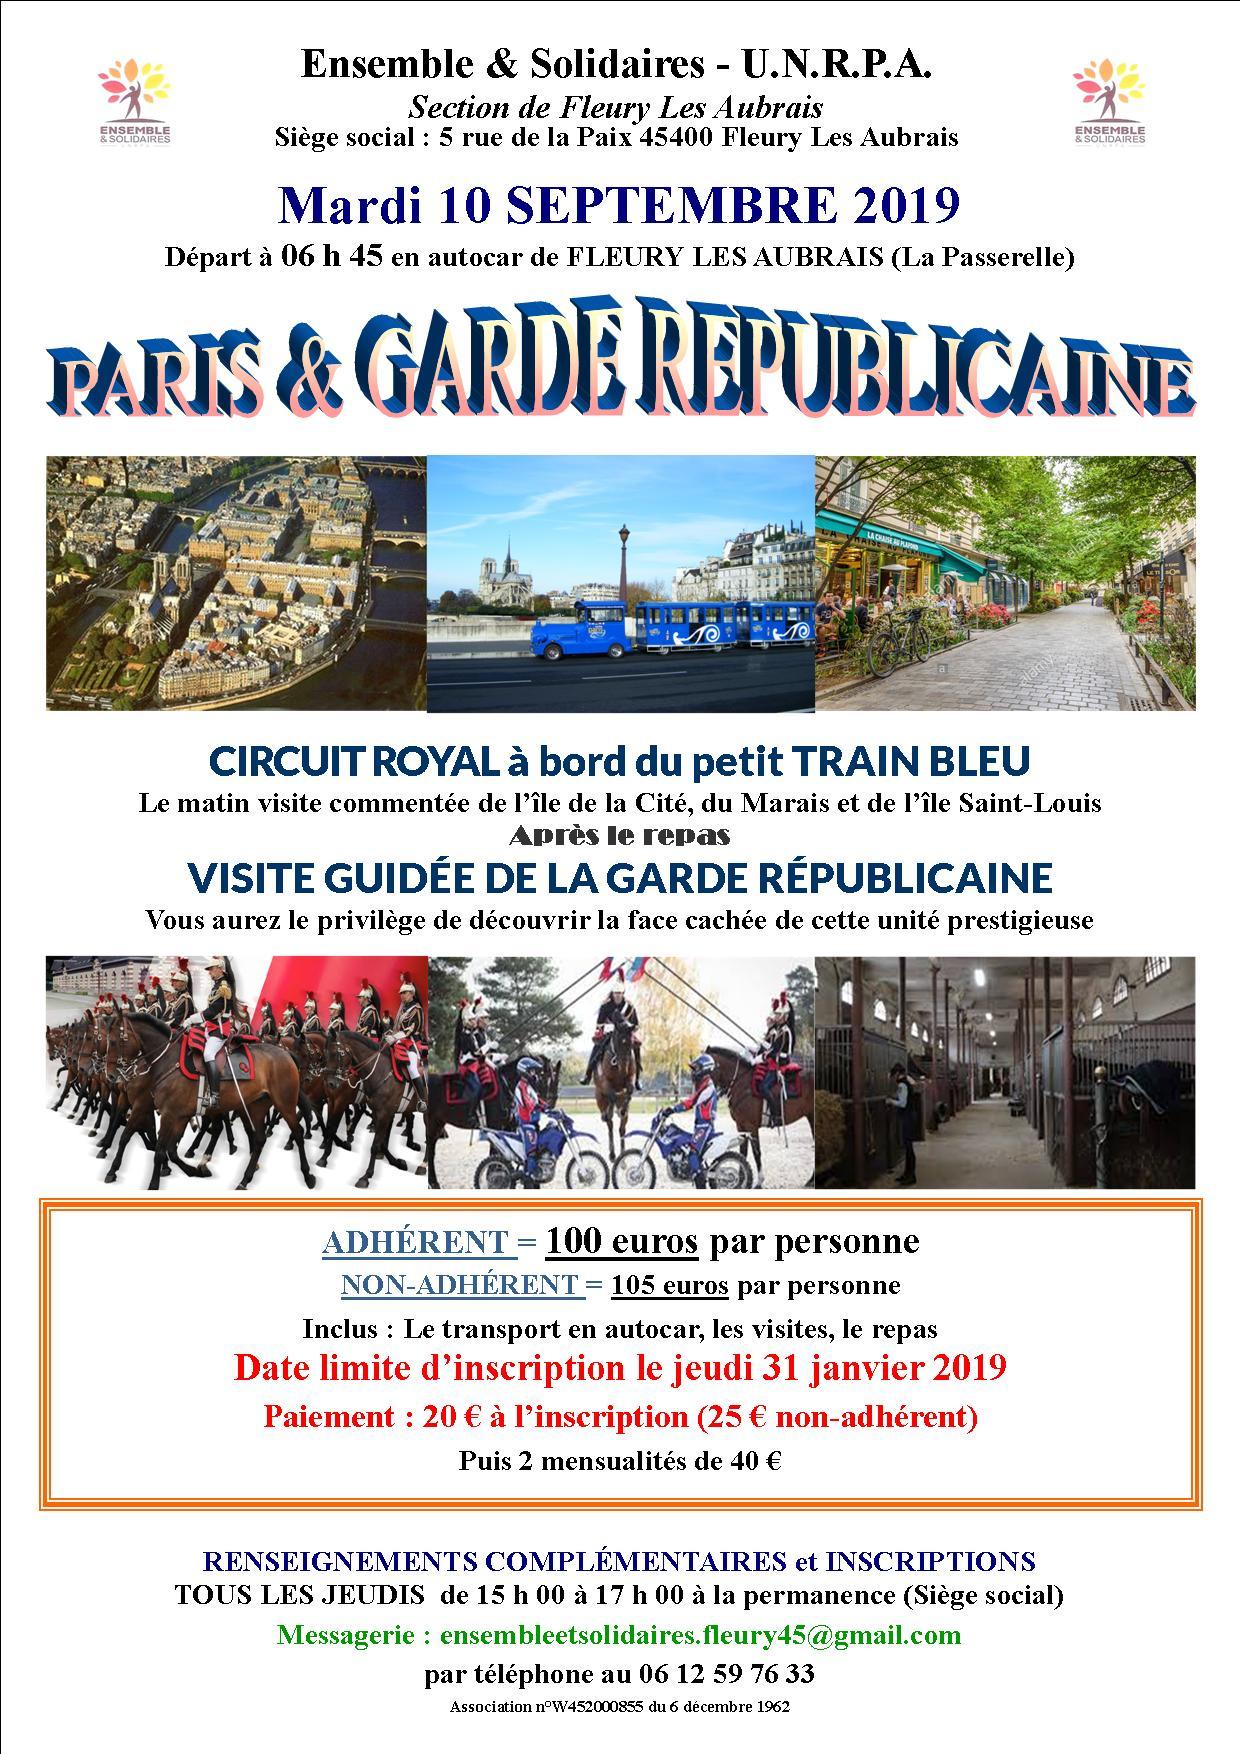 Affiche Paris Garde républicaine 10 09 2019.jpg